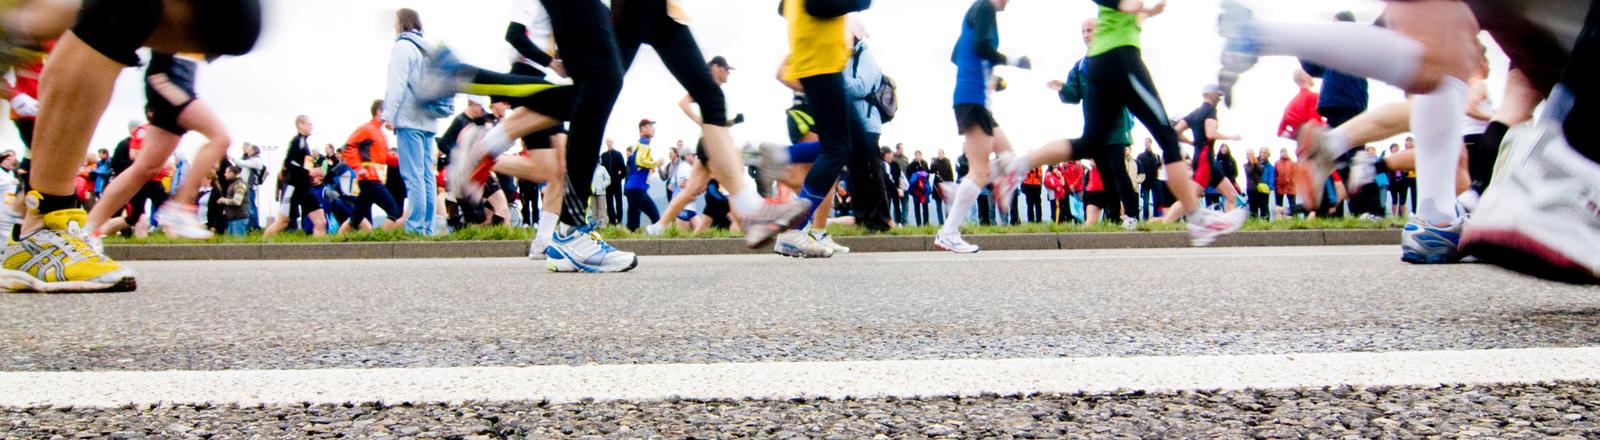 Teilnehmer des Freiburgmarathons